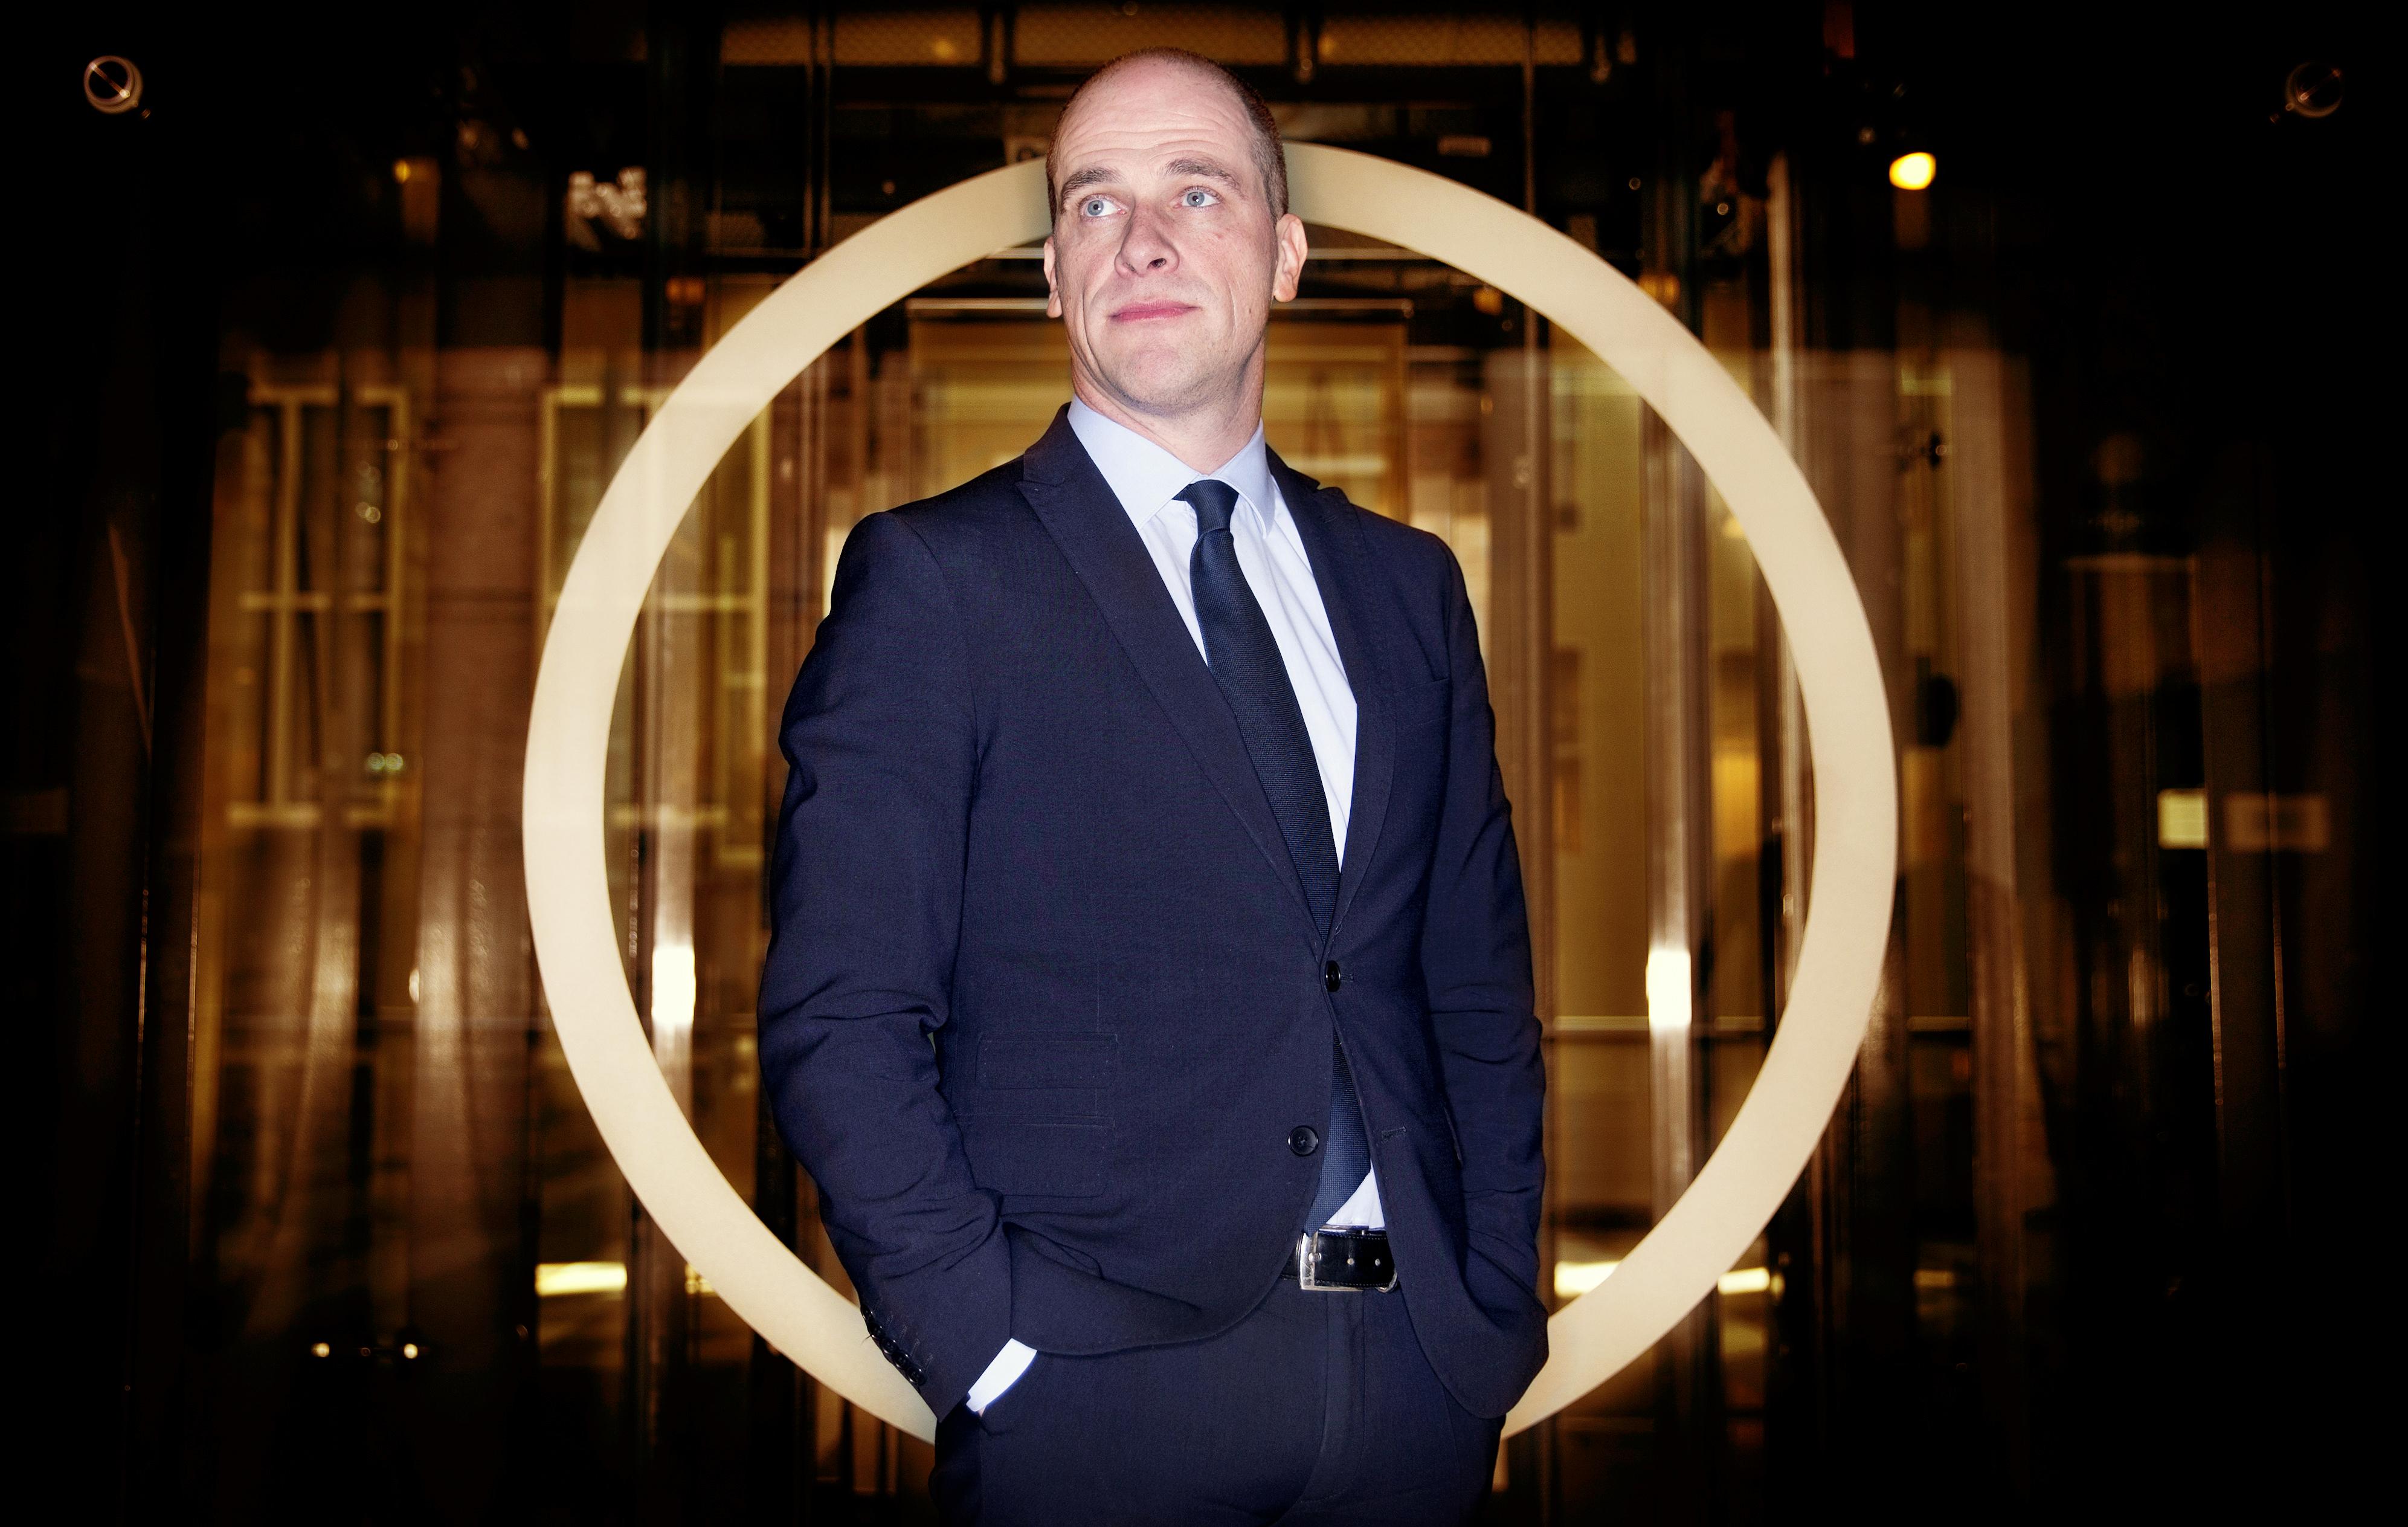 DEN HAAG - Portret PvdA fractieleider Diederik Samsom. Gefotografeerd in de wandelgangen van de tweede kamer. - FOTO GUUS SCHOONEWILLE